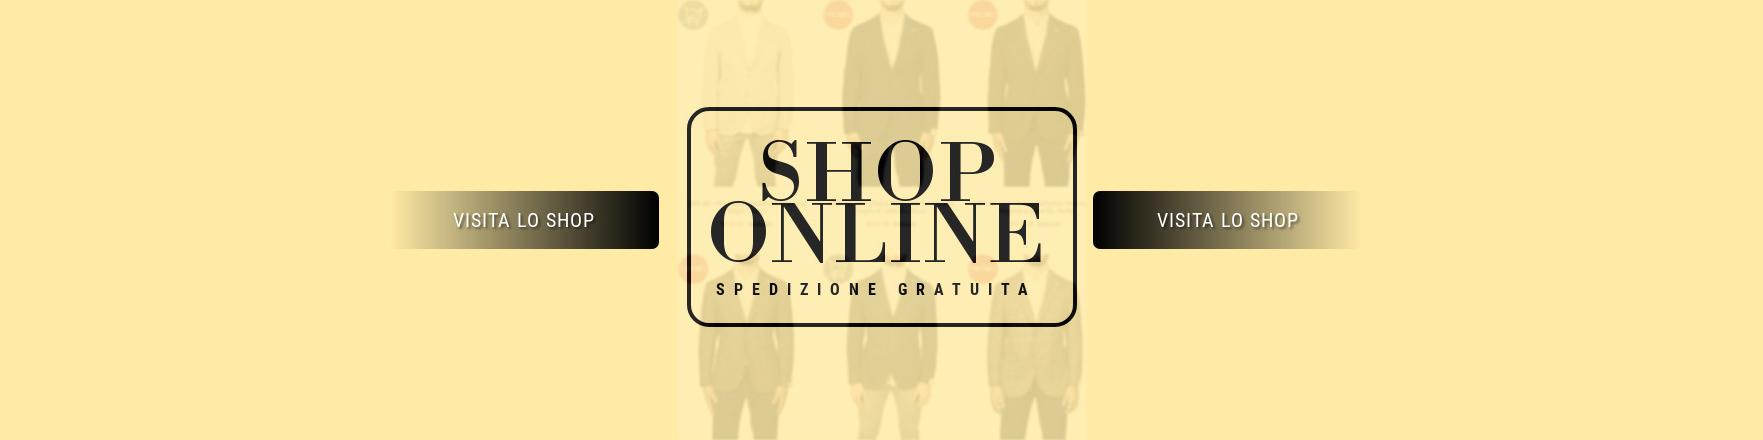 Ti invitiamo a visitare la sezione Barbour Shop online Outlet dove molto  spesso puoi trovare i capi del brand inglese scontati fino al 50%. 6e02cddae6ab